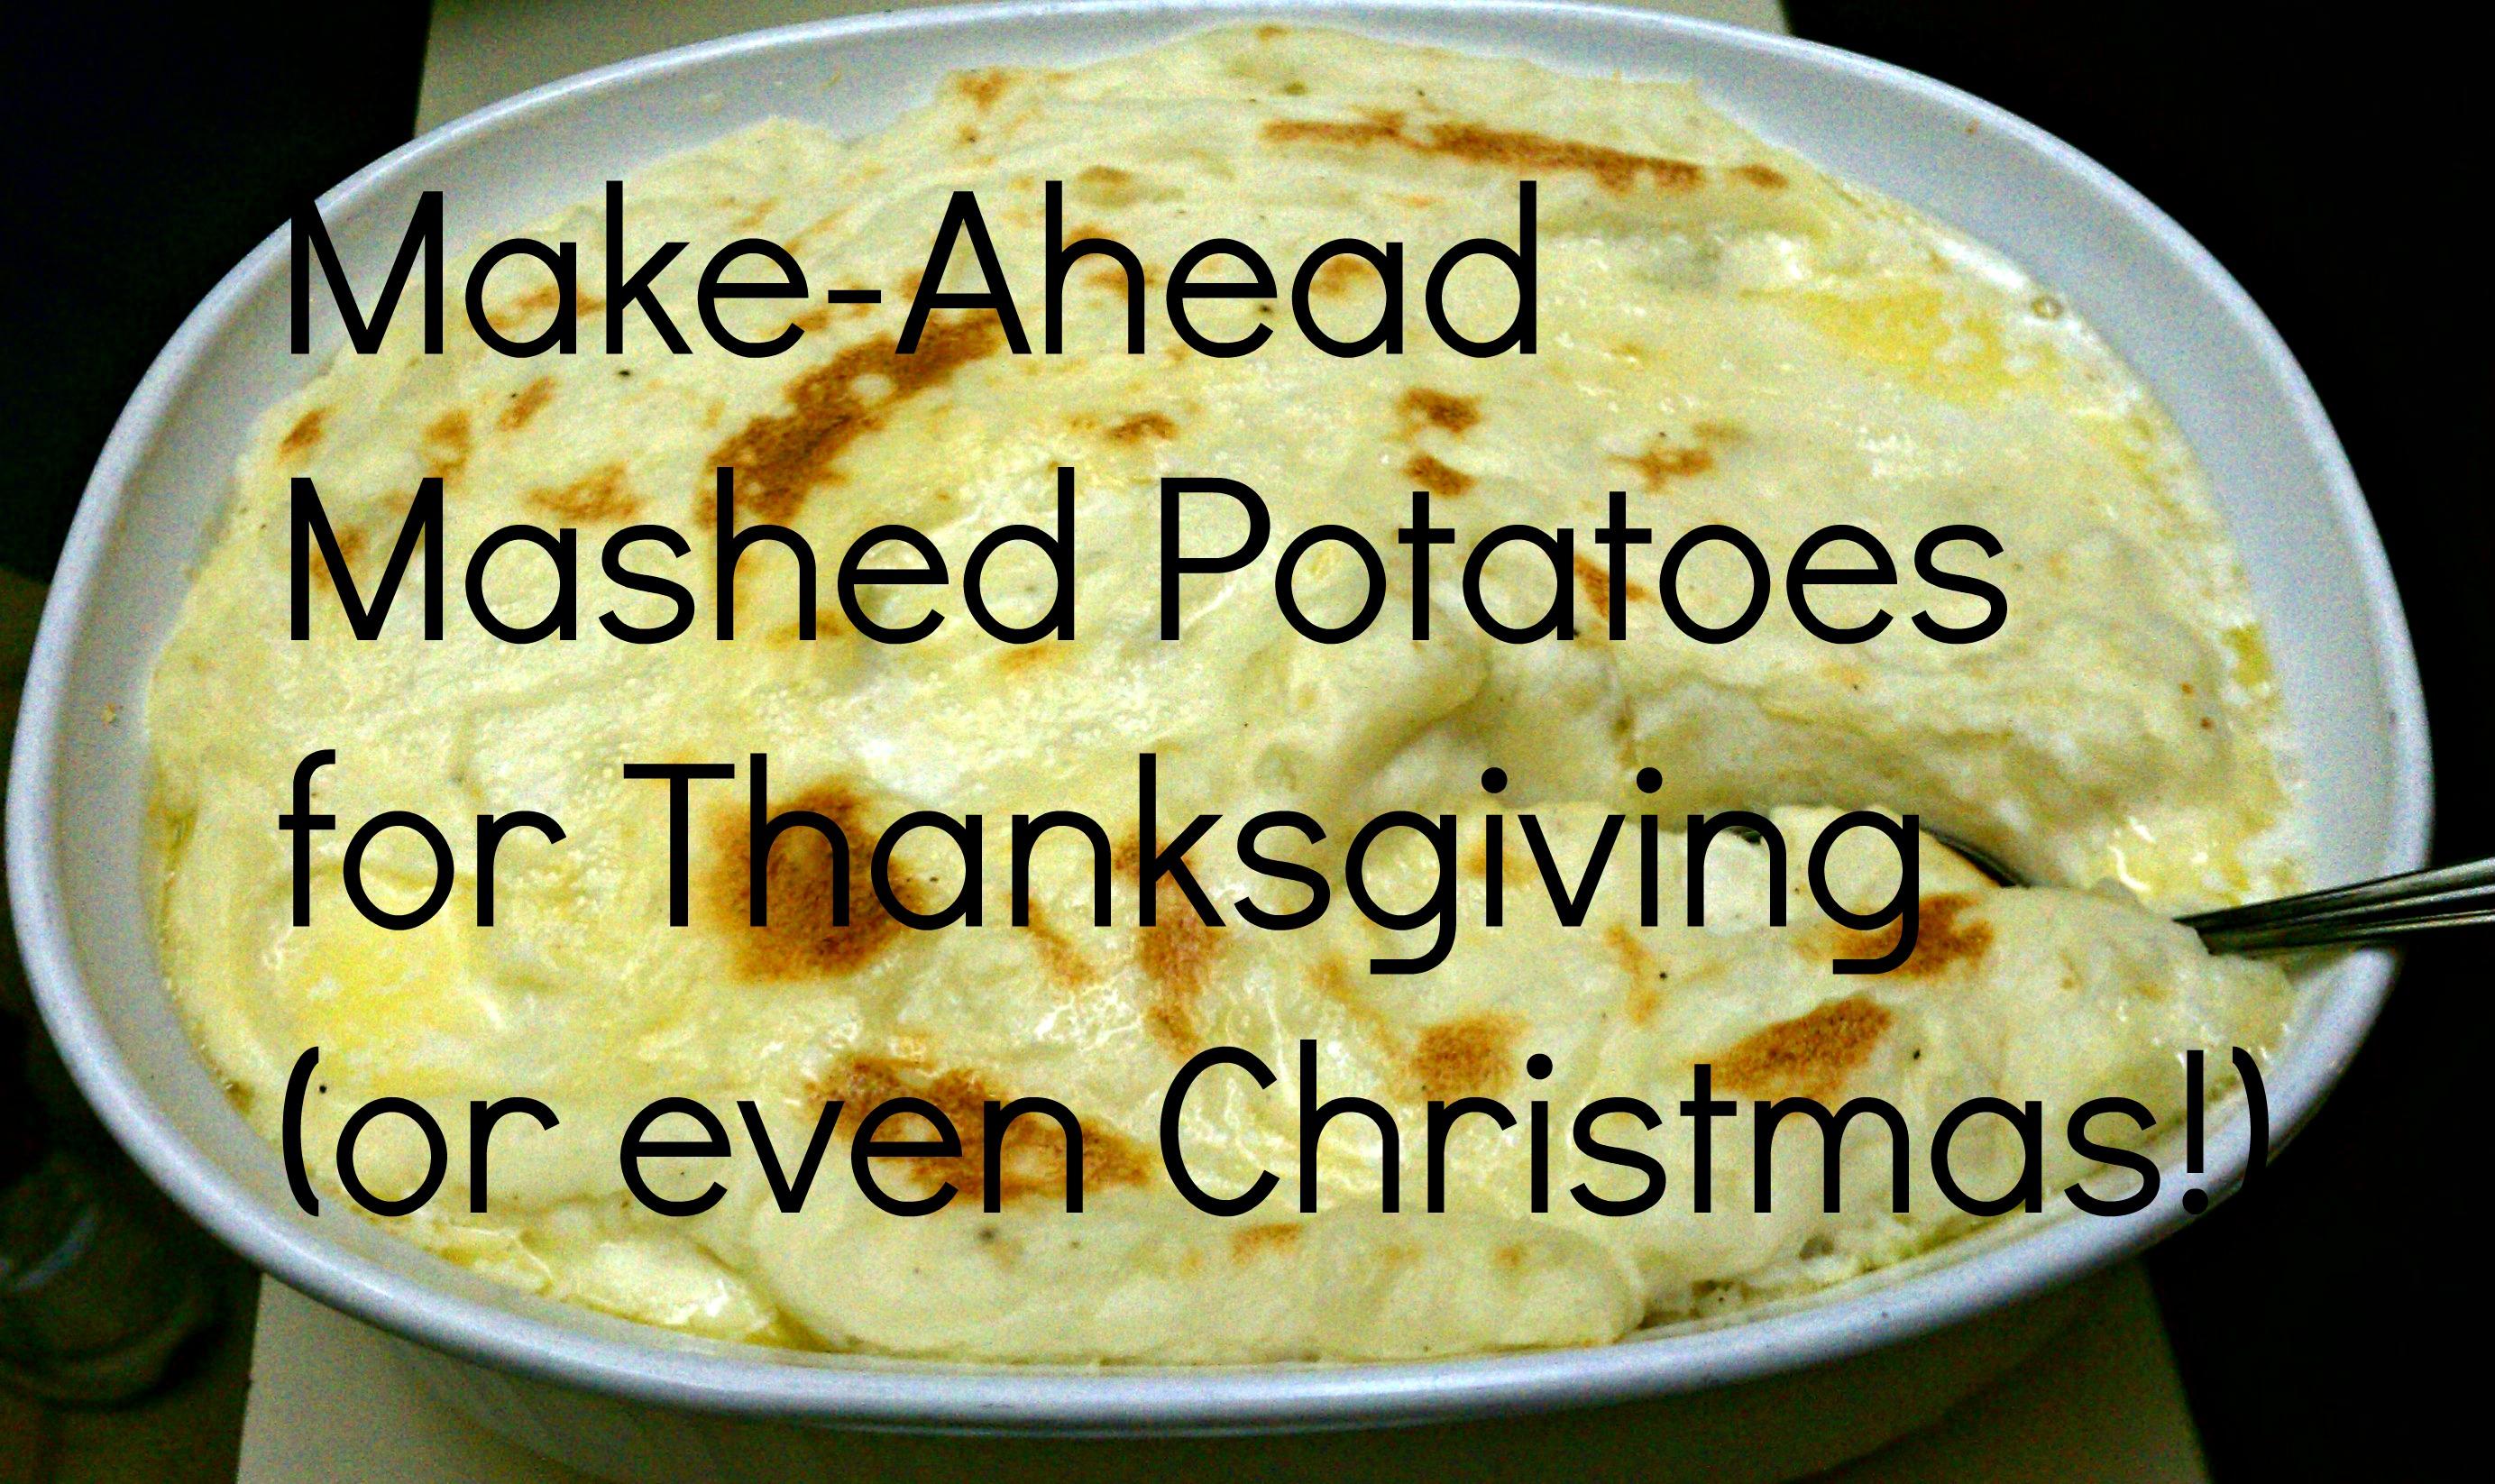 How to prepare mashed potatoes ahead